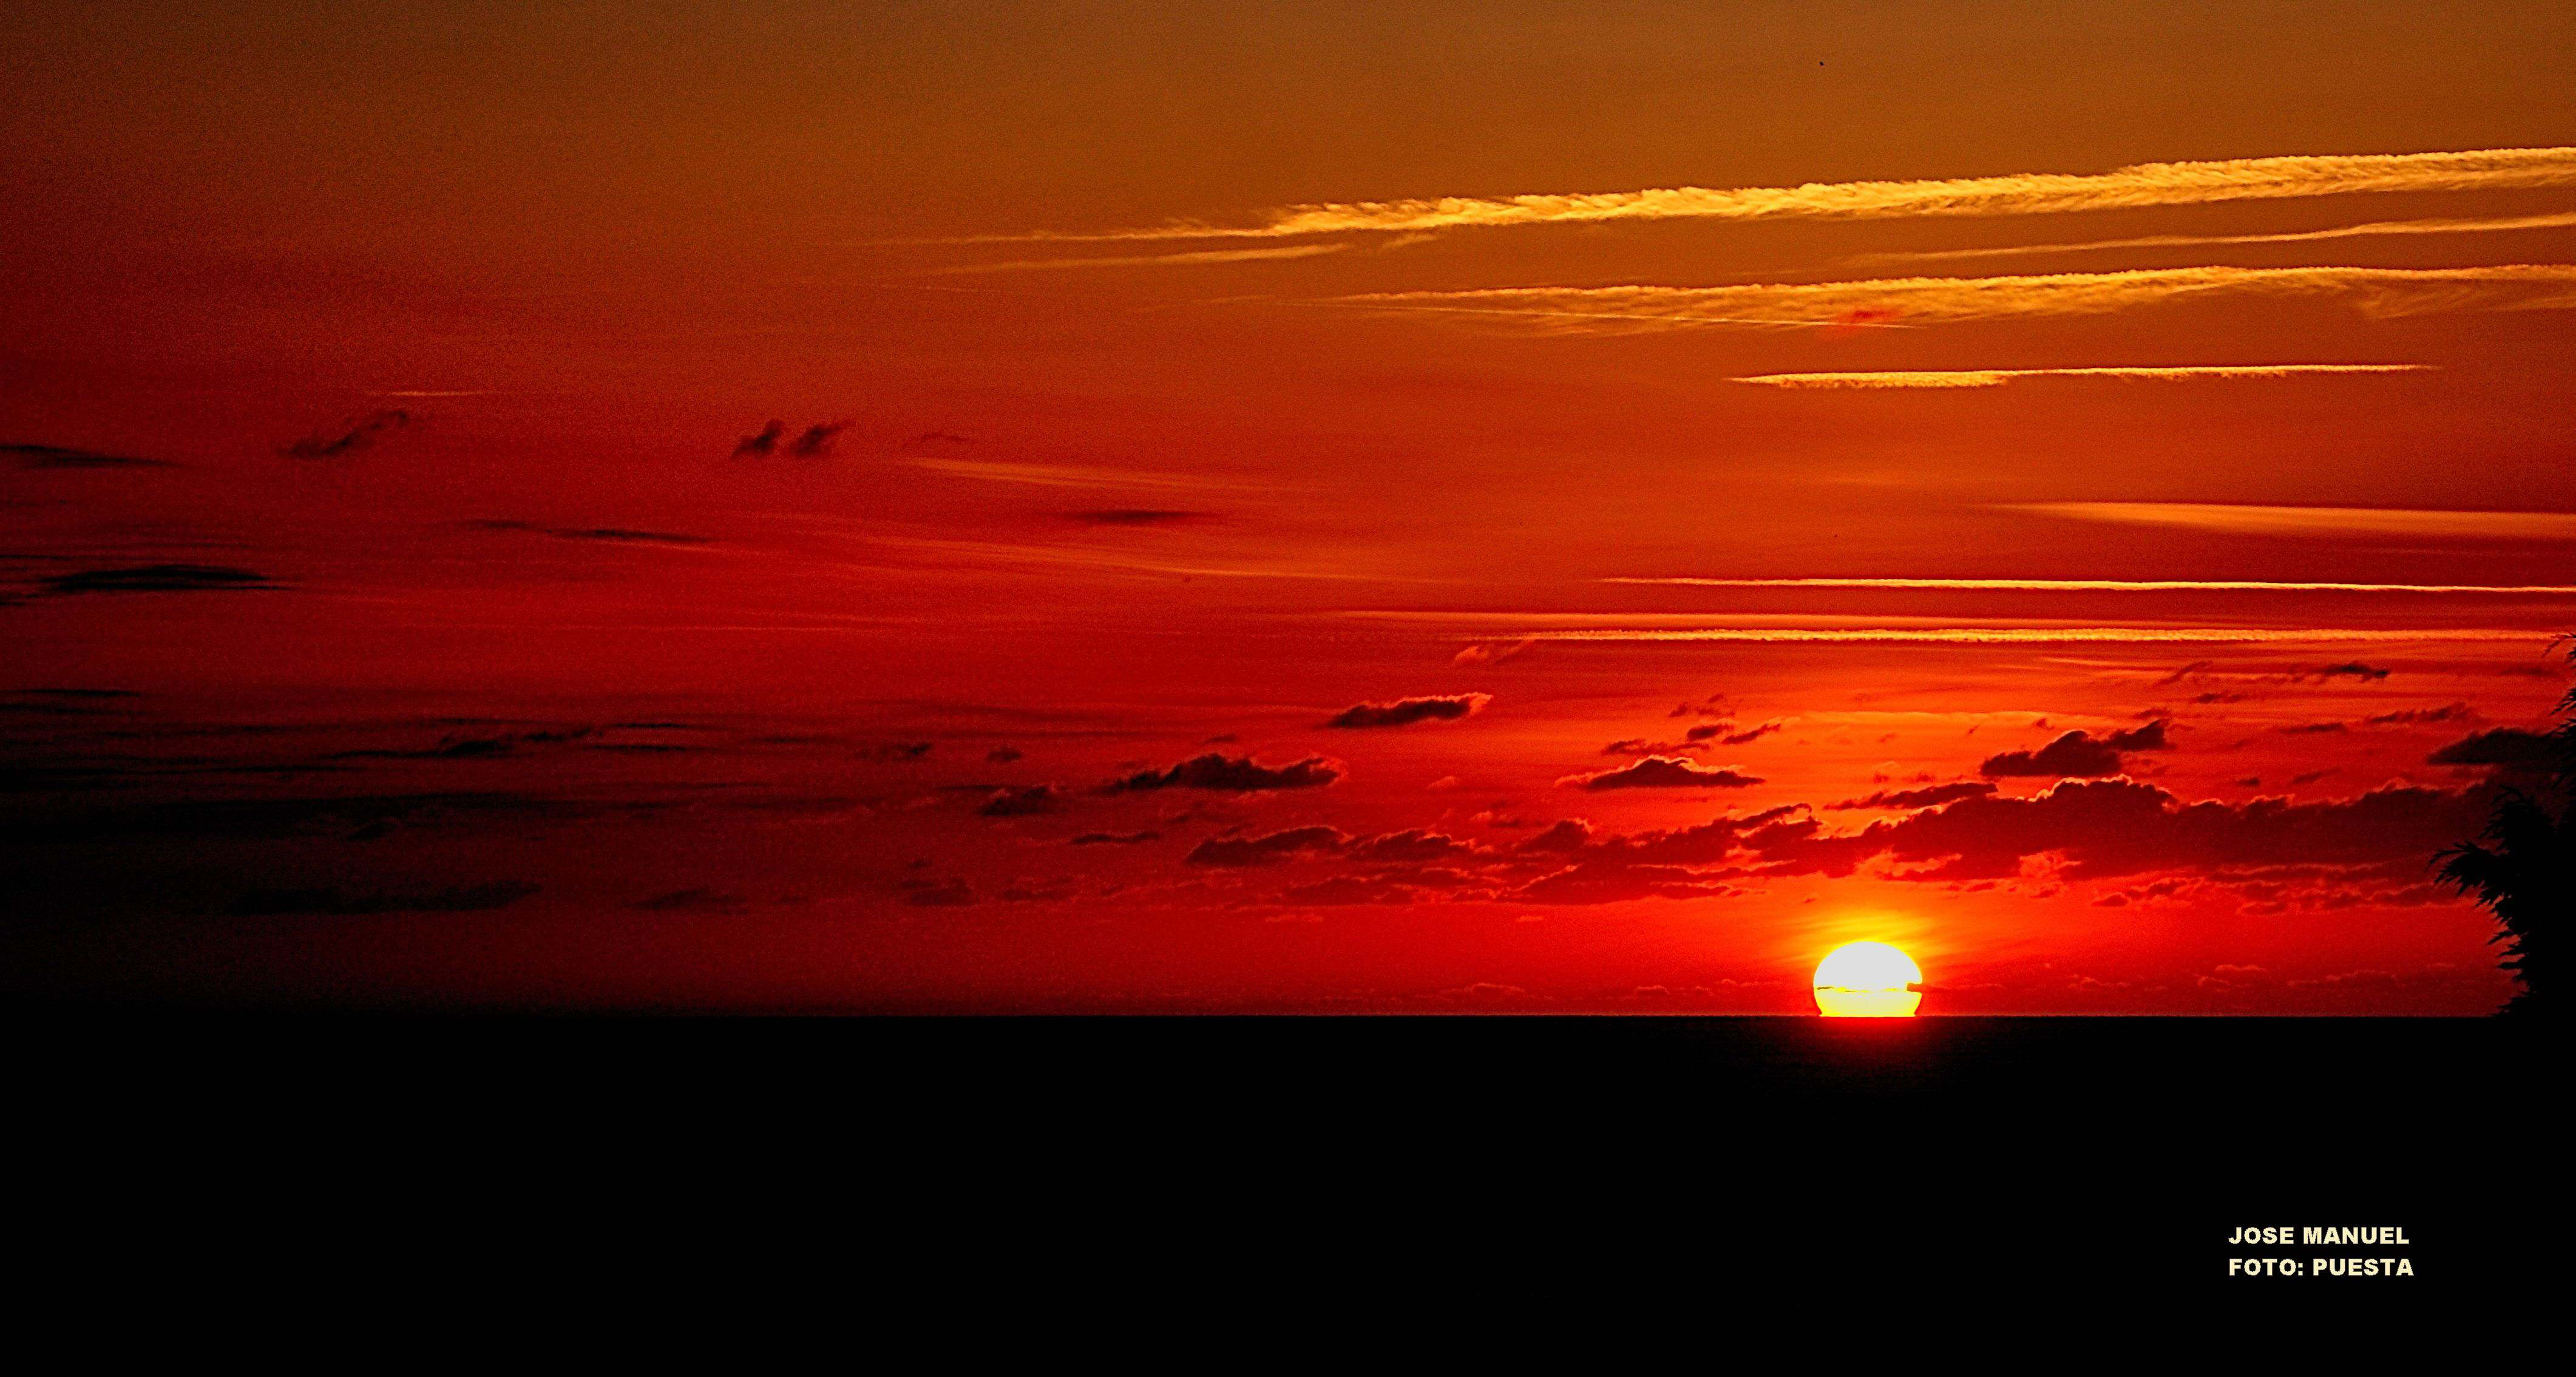 Puesta de sol fotos de amaneceres y atardeceres for Puesta de sol